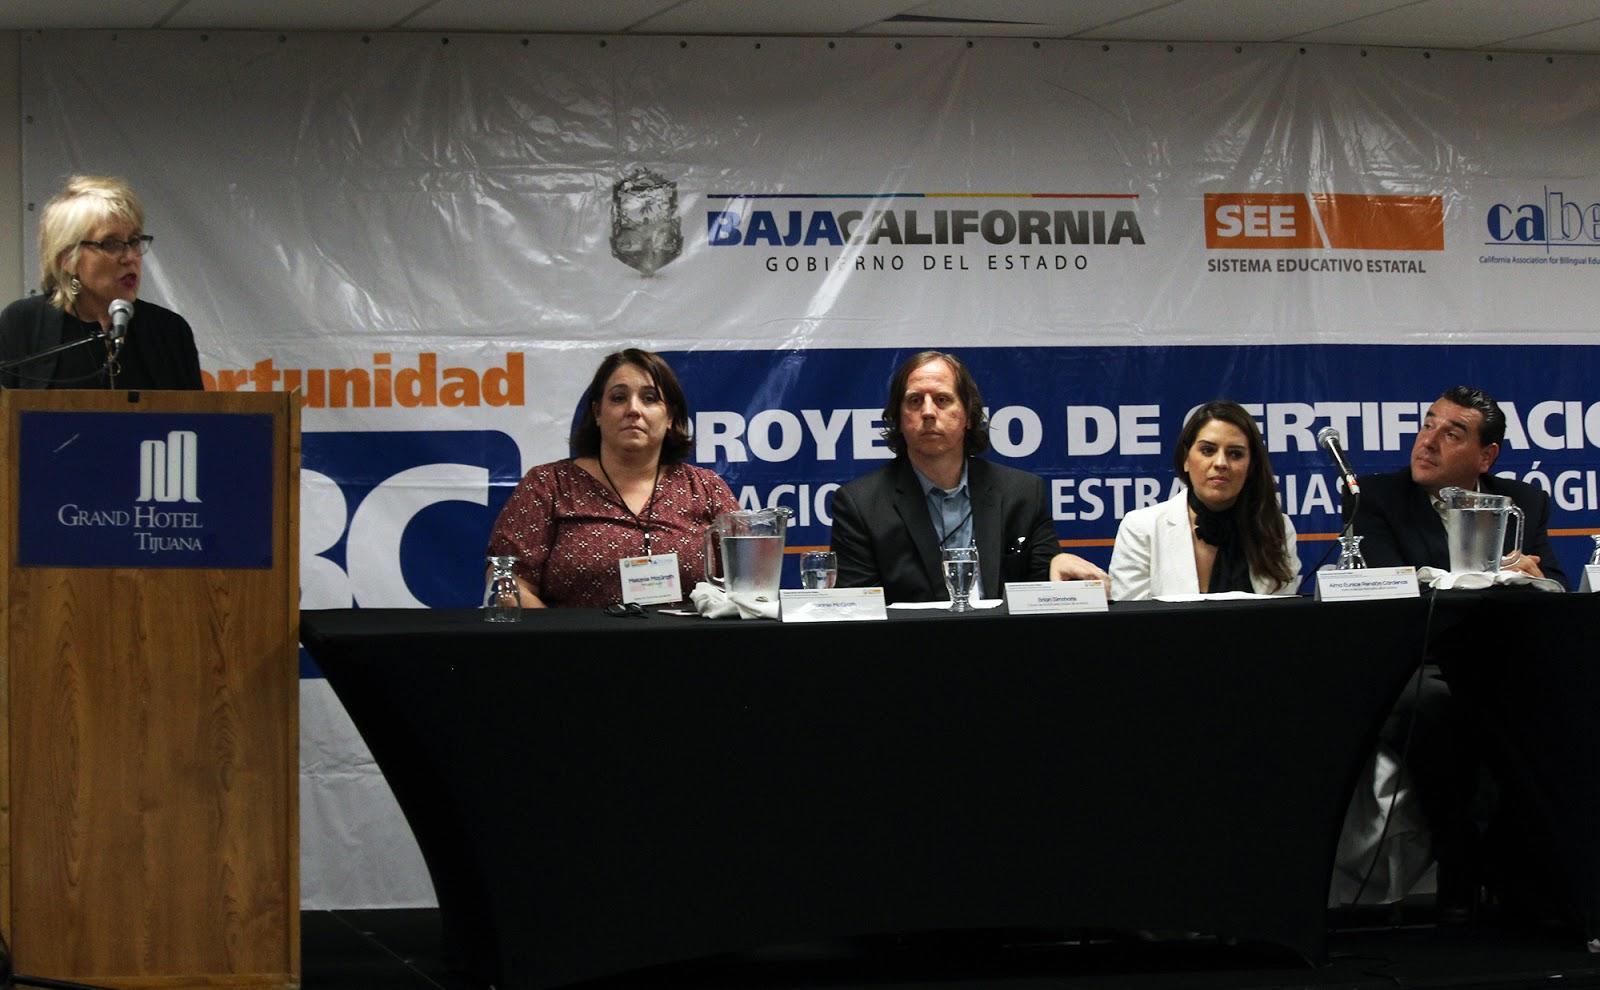 Rosarito En La Noticia Reforzar Secretar A De Relaciones Exteriores Instituto De Los